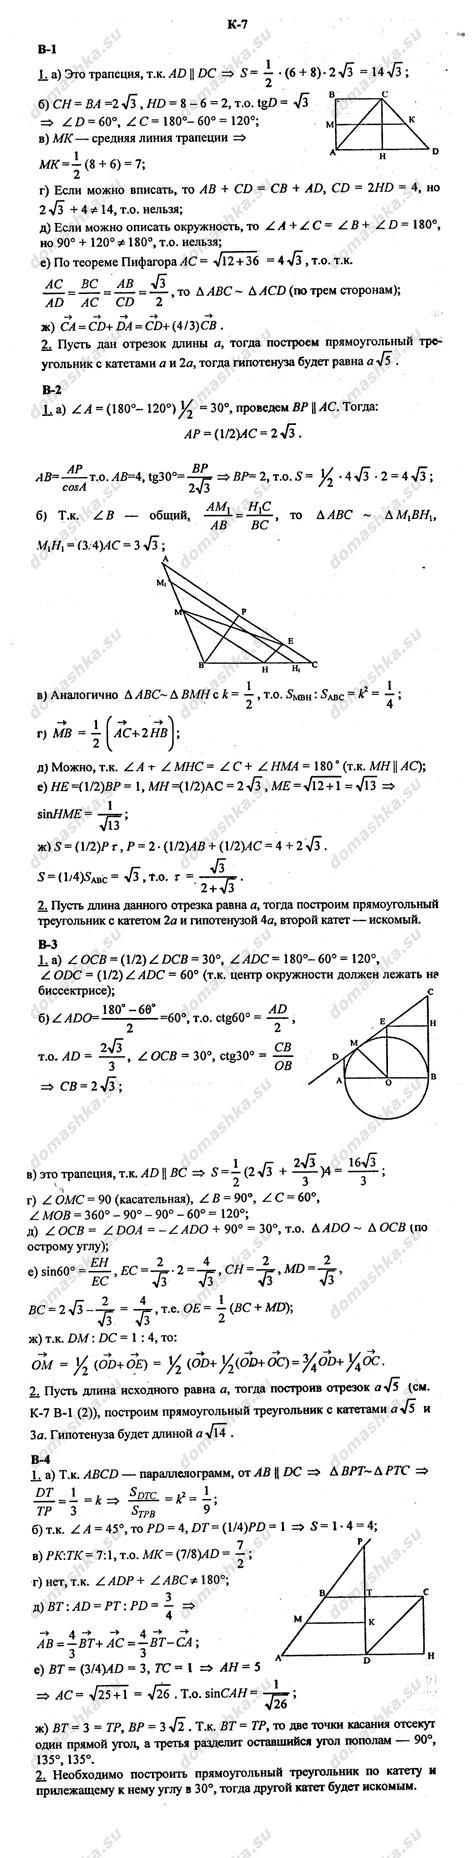 Дидактические геометрия гдз ответы материалы 7-9